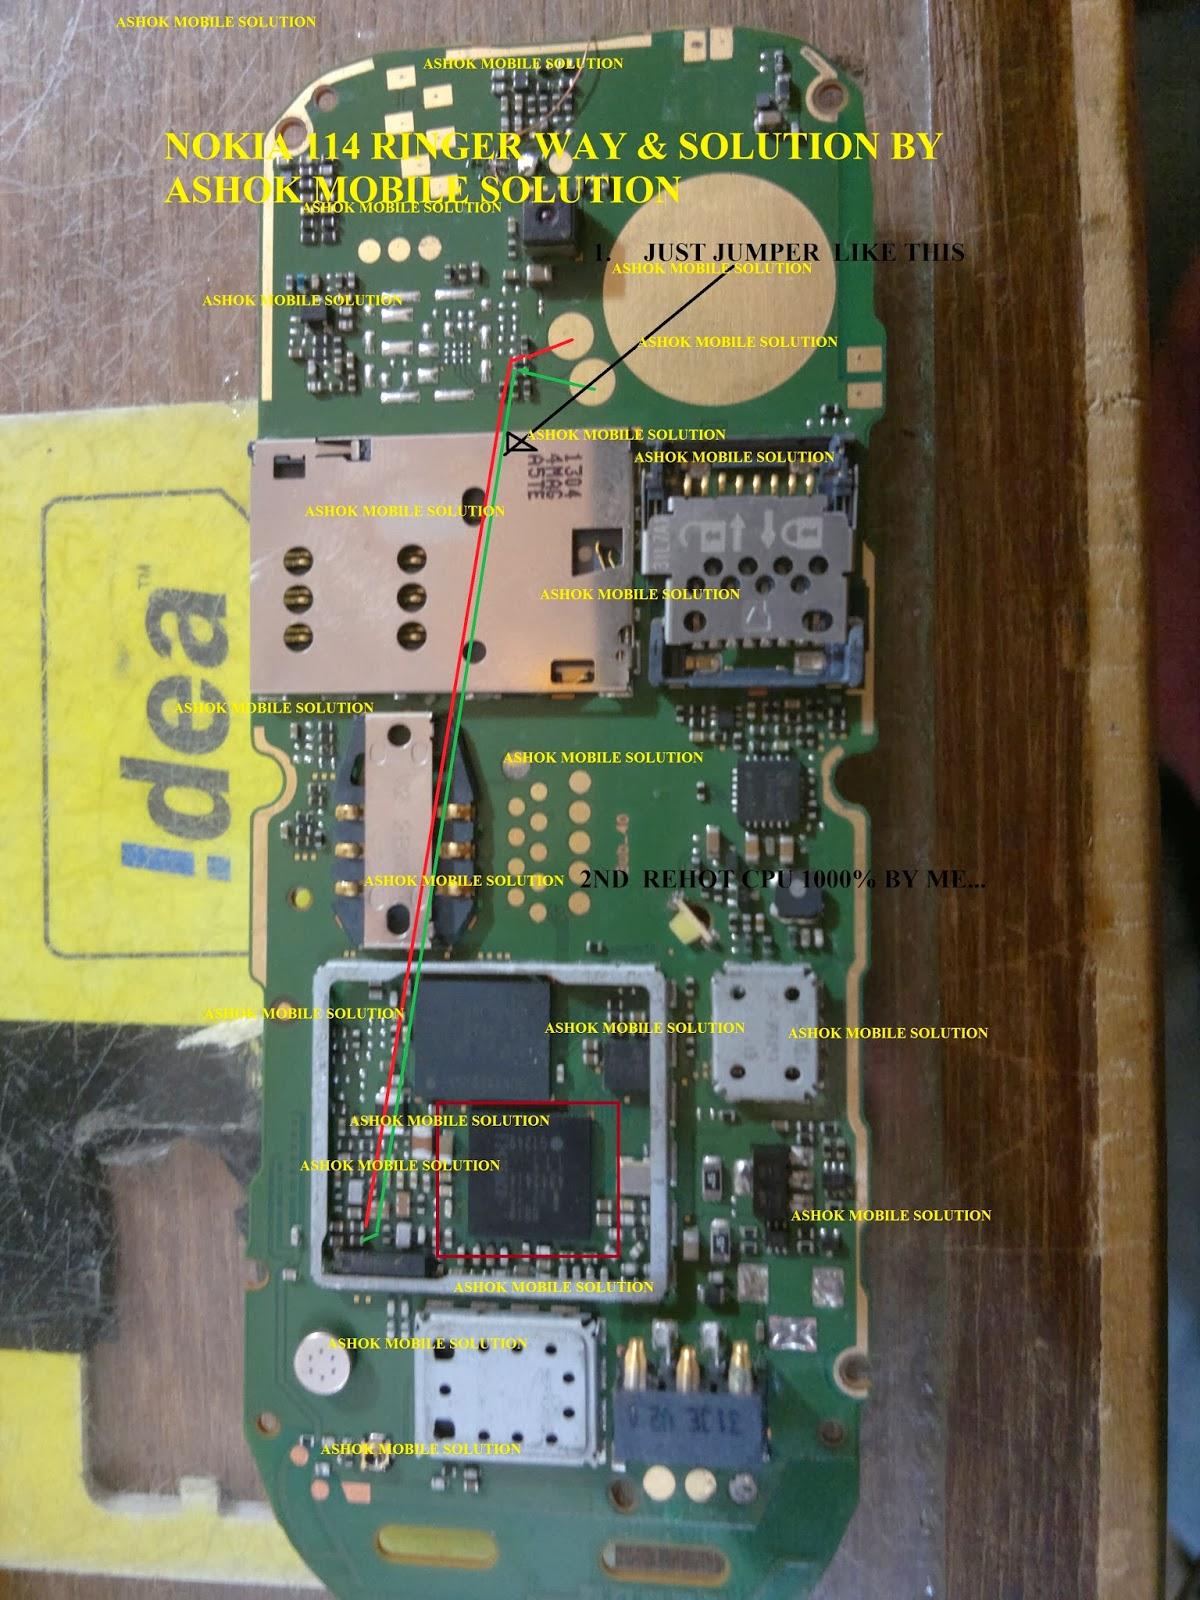 Ashok    Mobile    Solution  nokia114 ringer solution